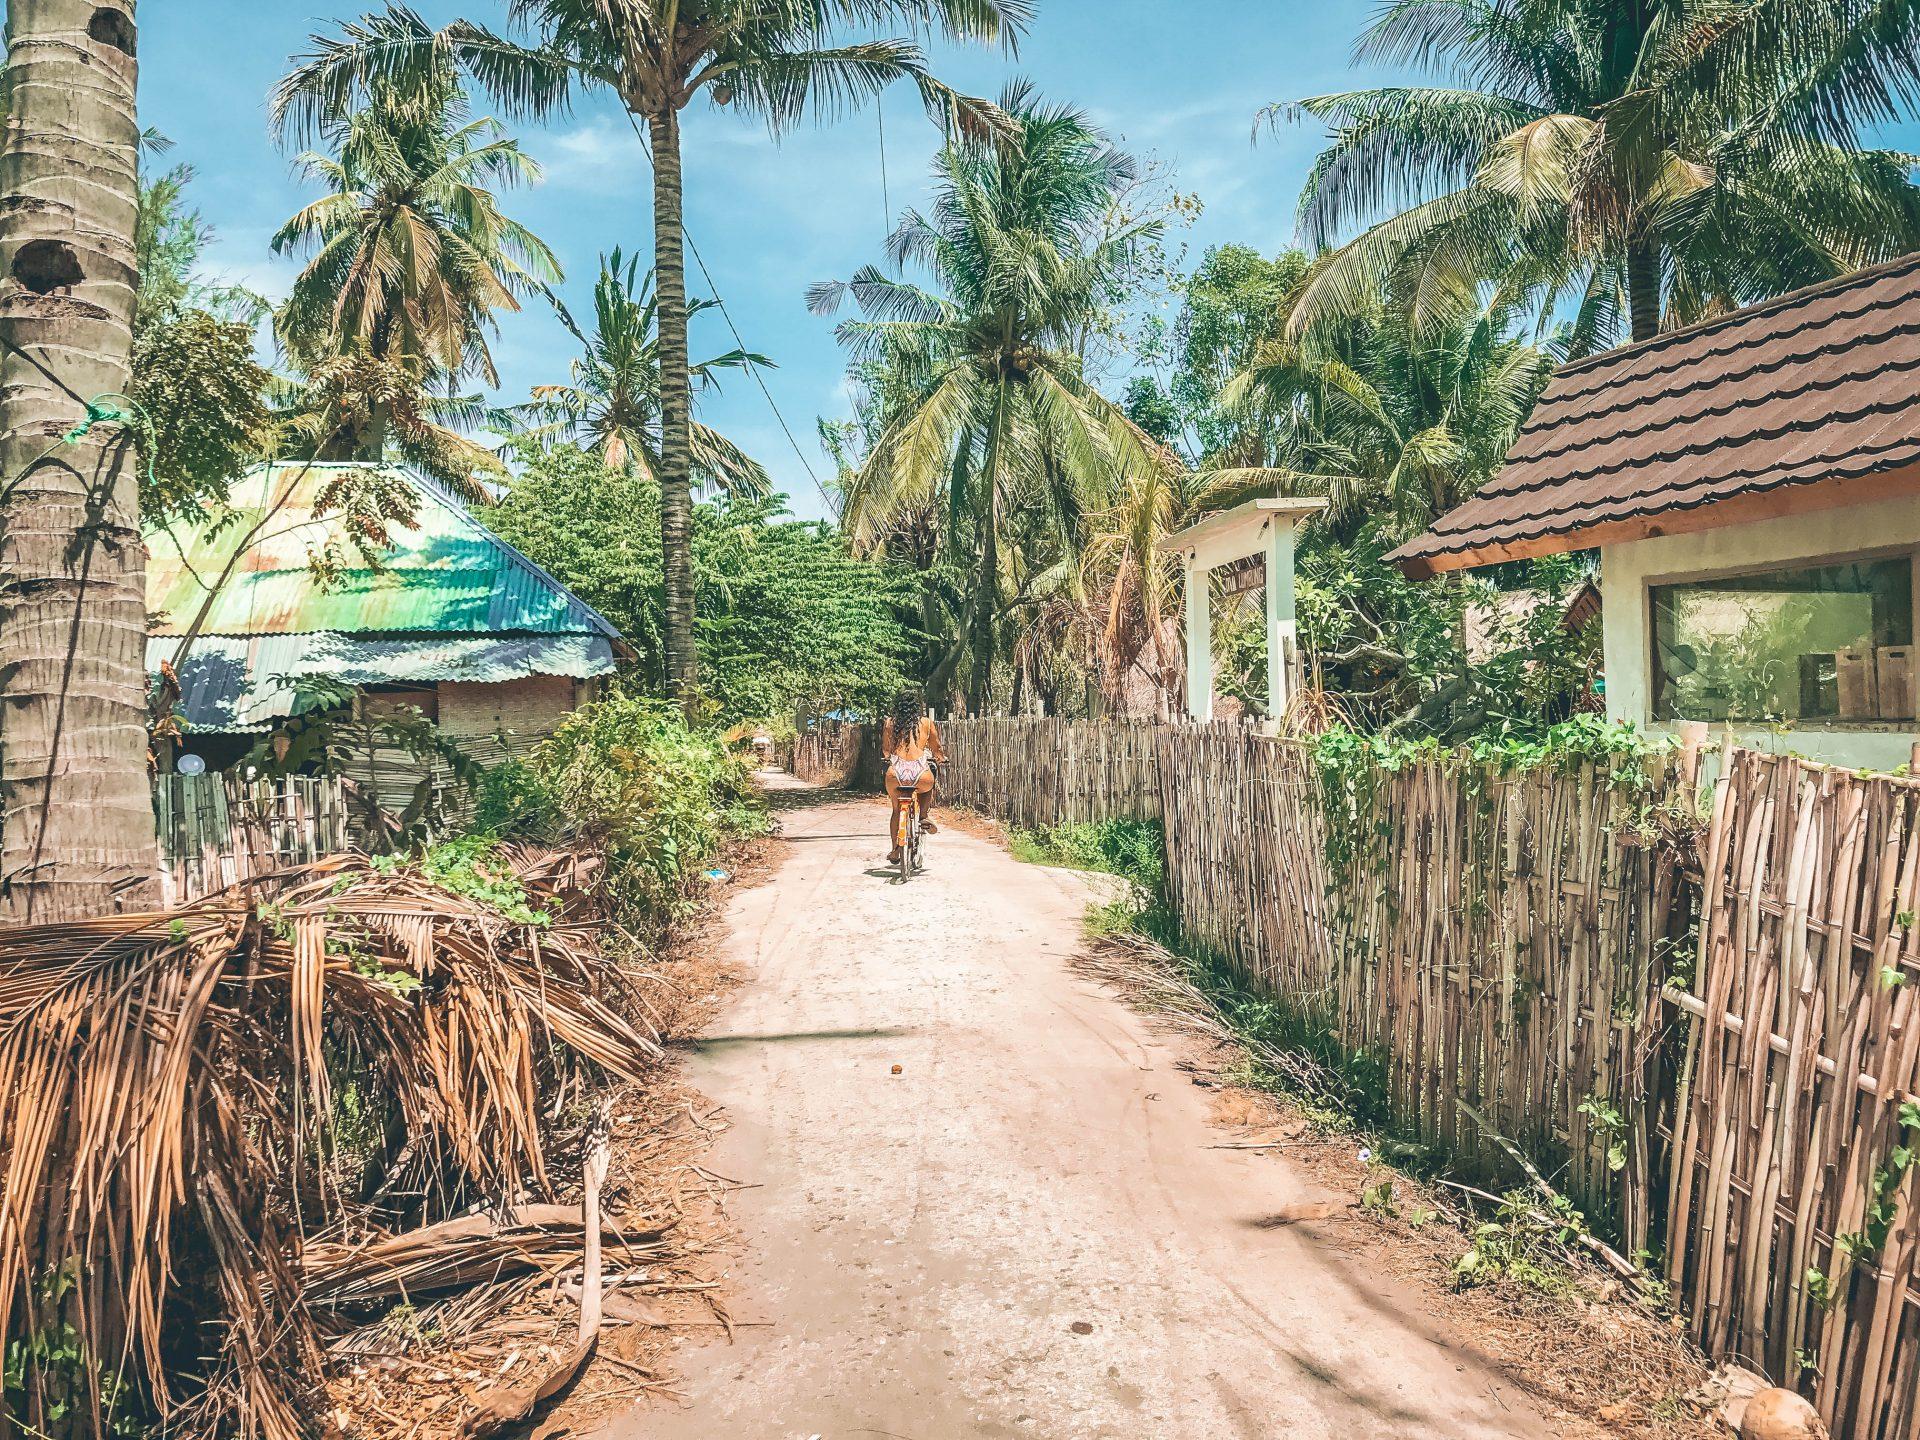 Presupuesto mochilero en Indonesia en 30 días